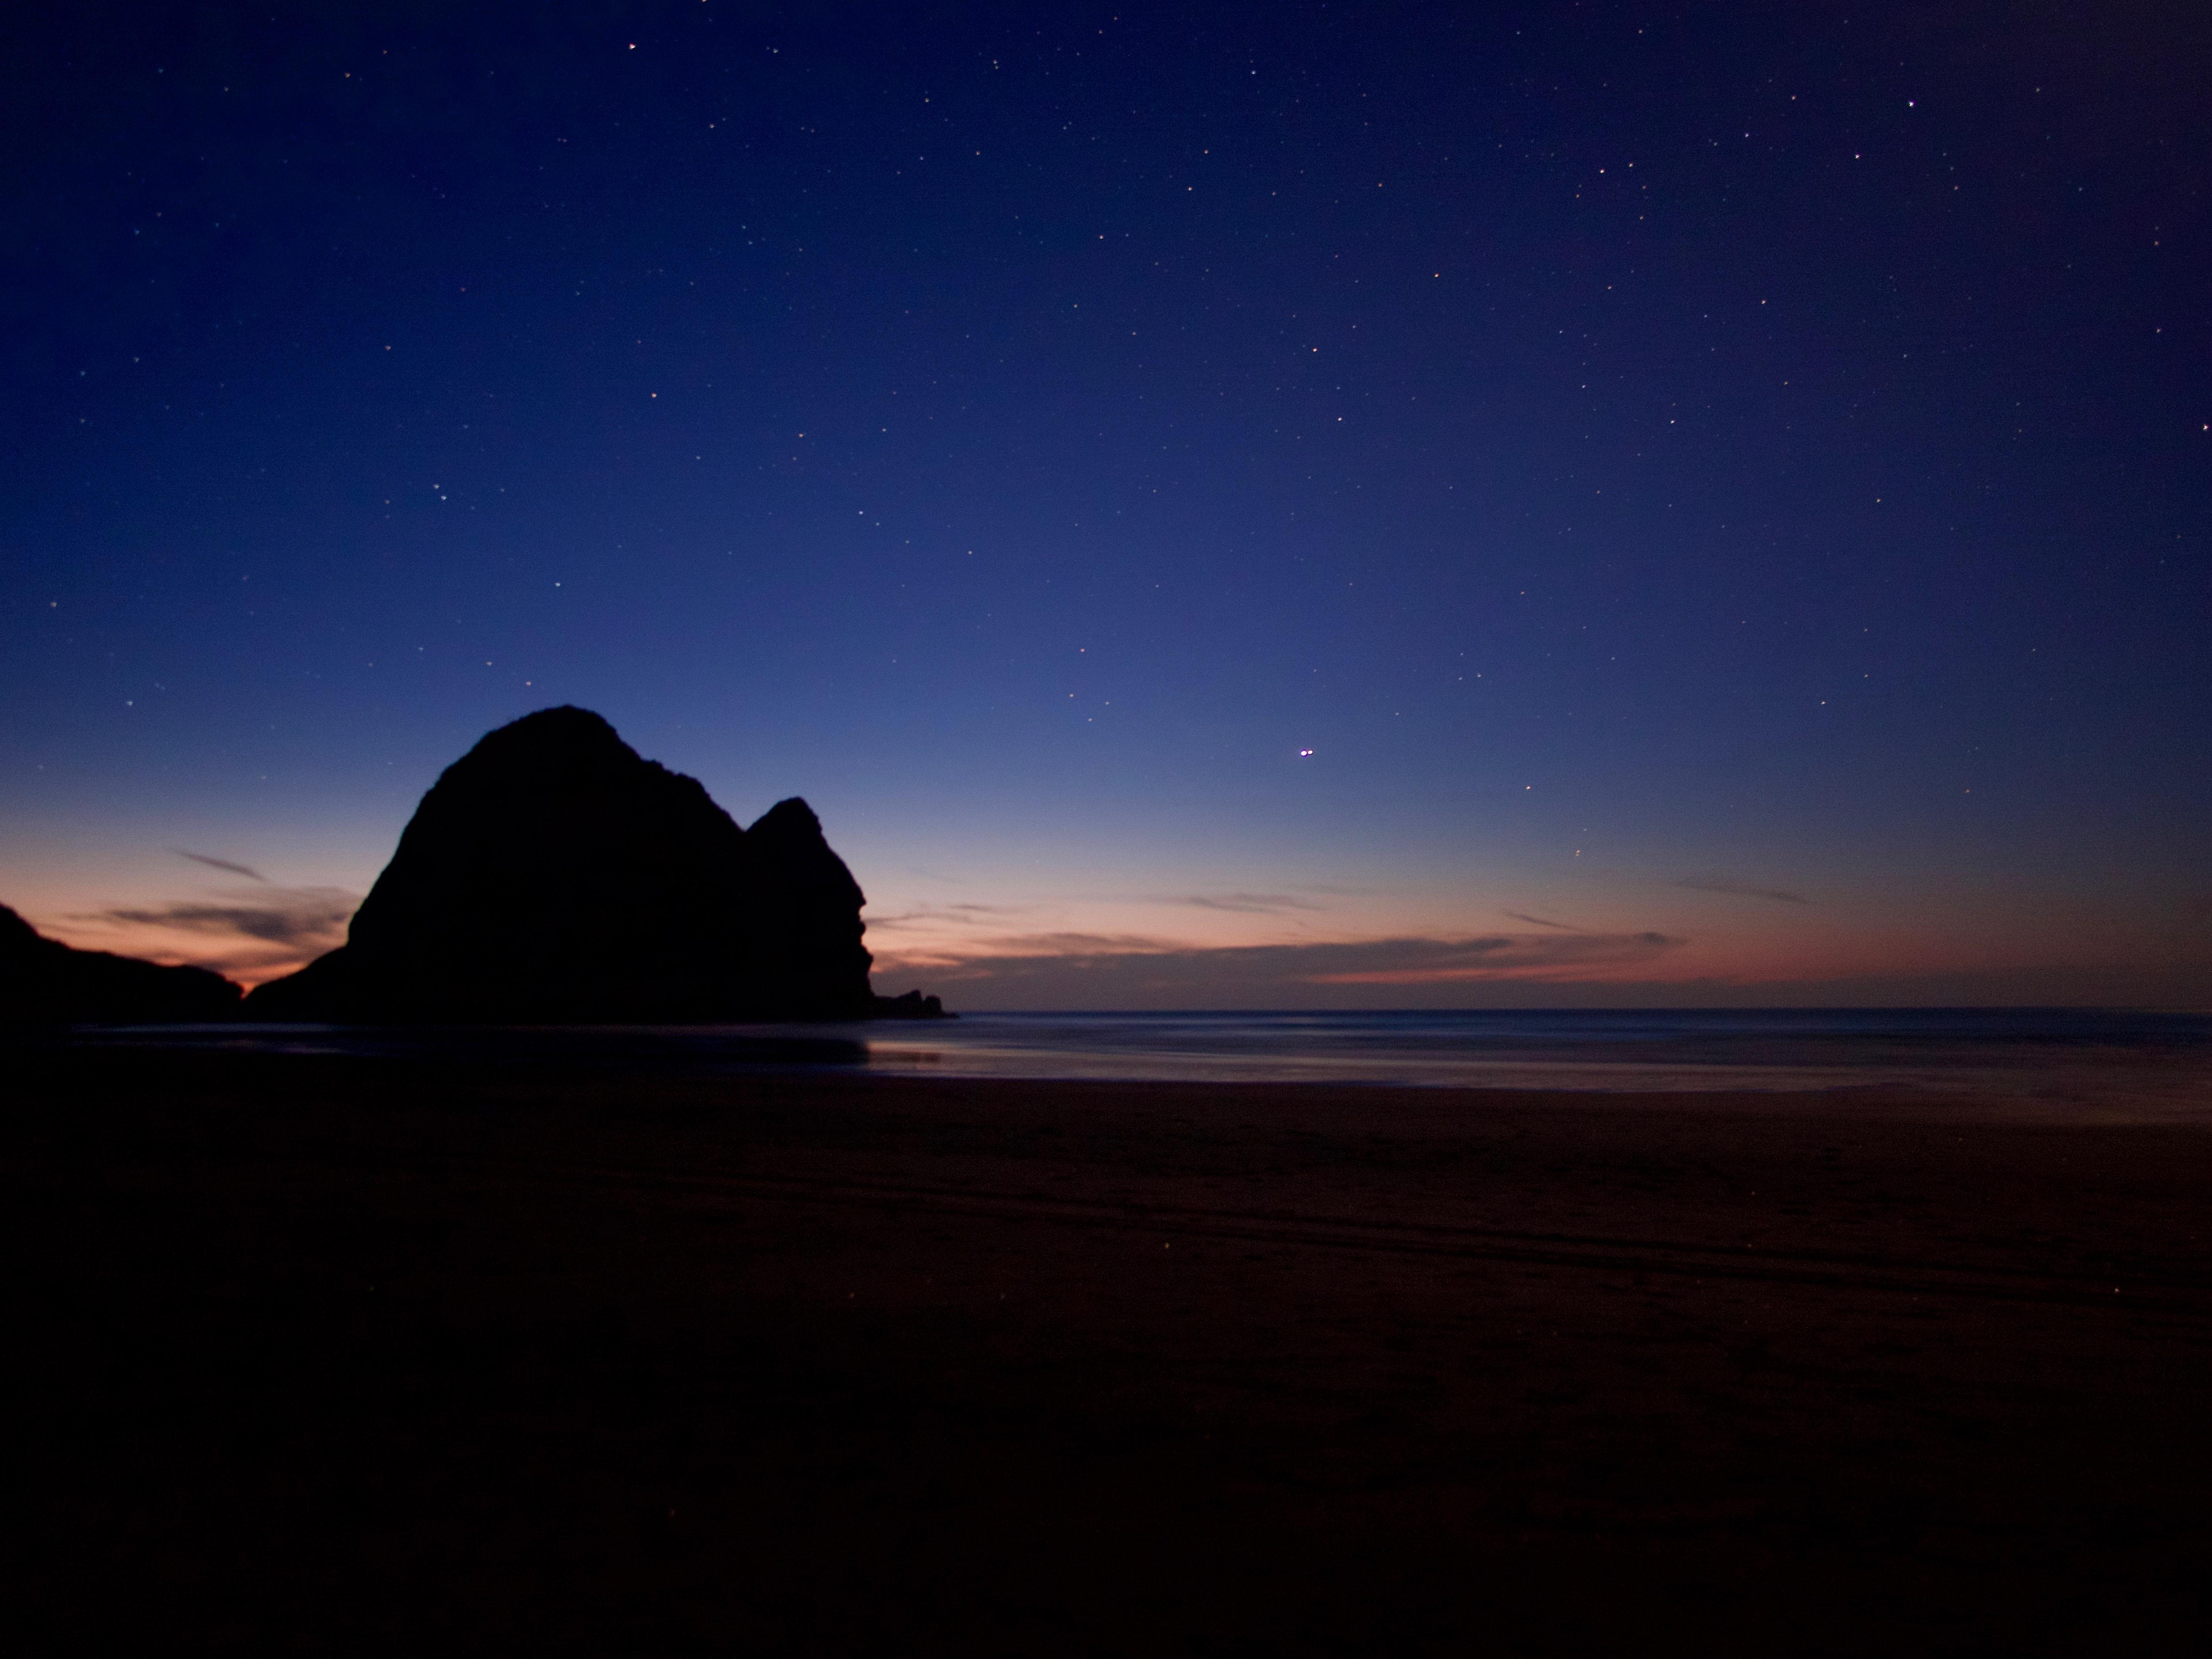 61932 обои 1080x2400 на телефон бесплатно, скачать картинки Темный, Ночь, Море, Темные, Пляж, Скала 1080x2400 на мобильный